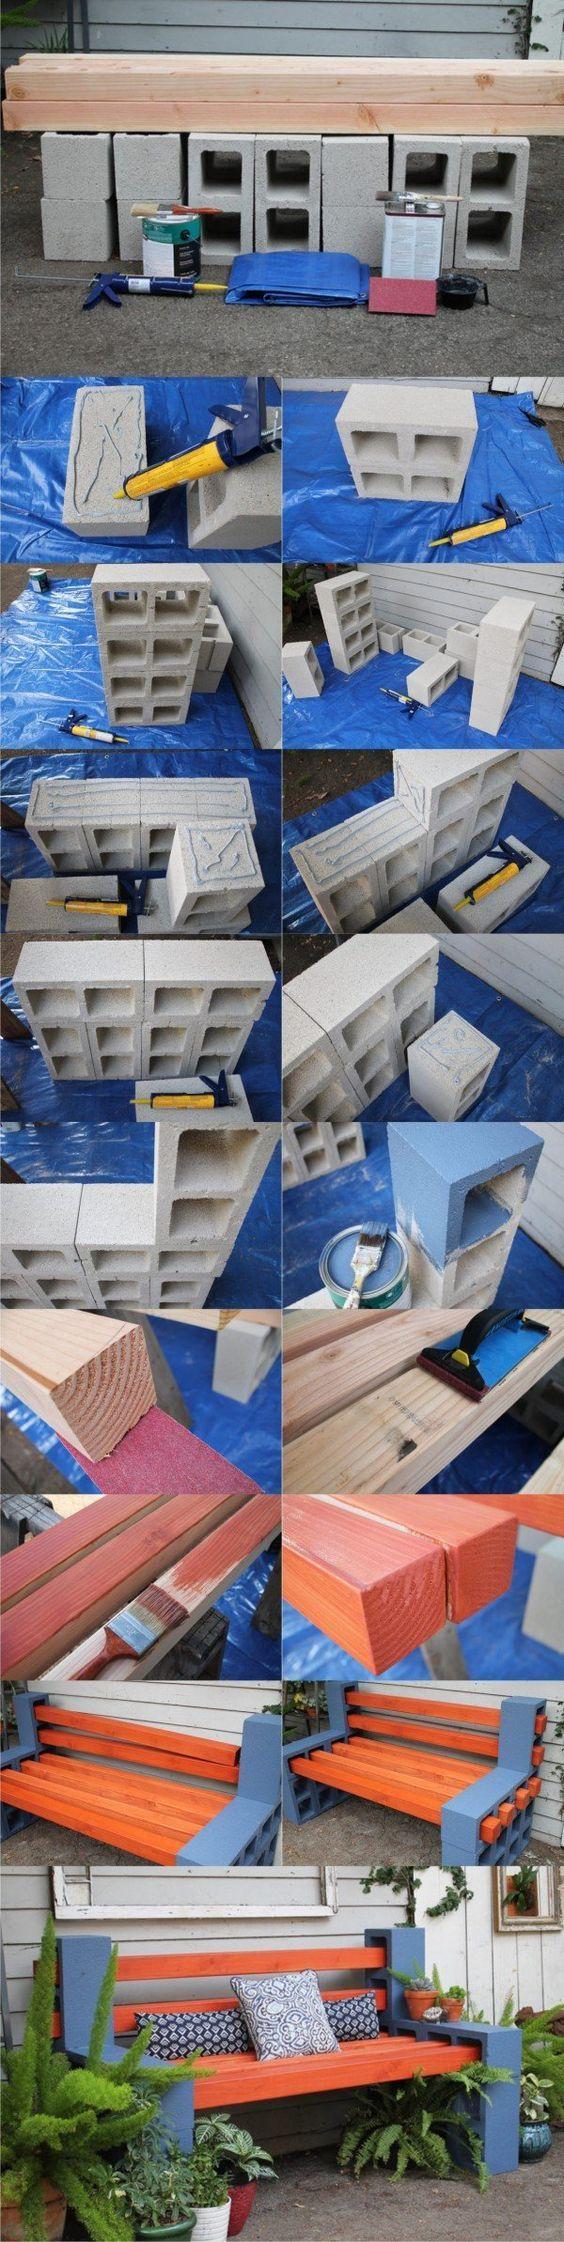 banco con ladrillos de cemento ymadera: